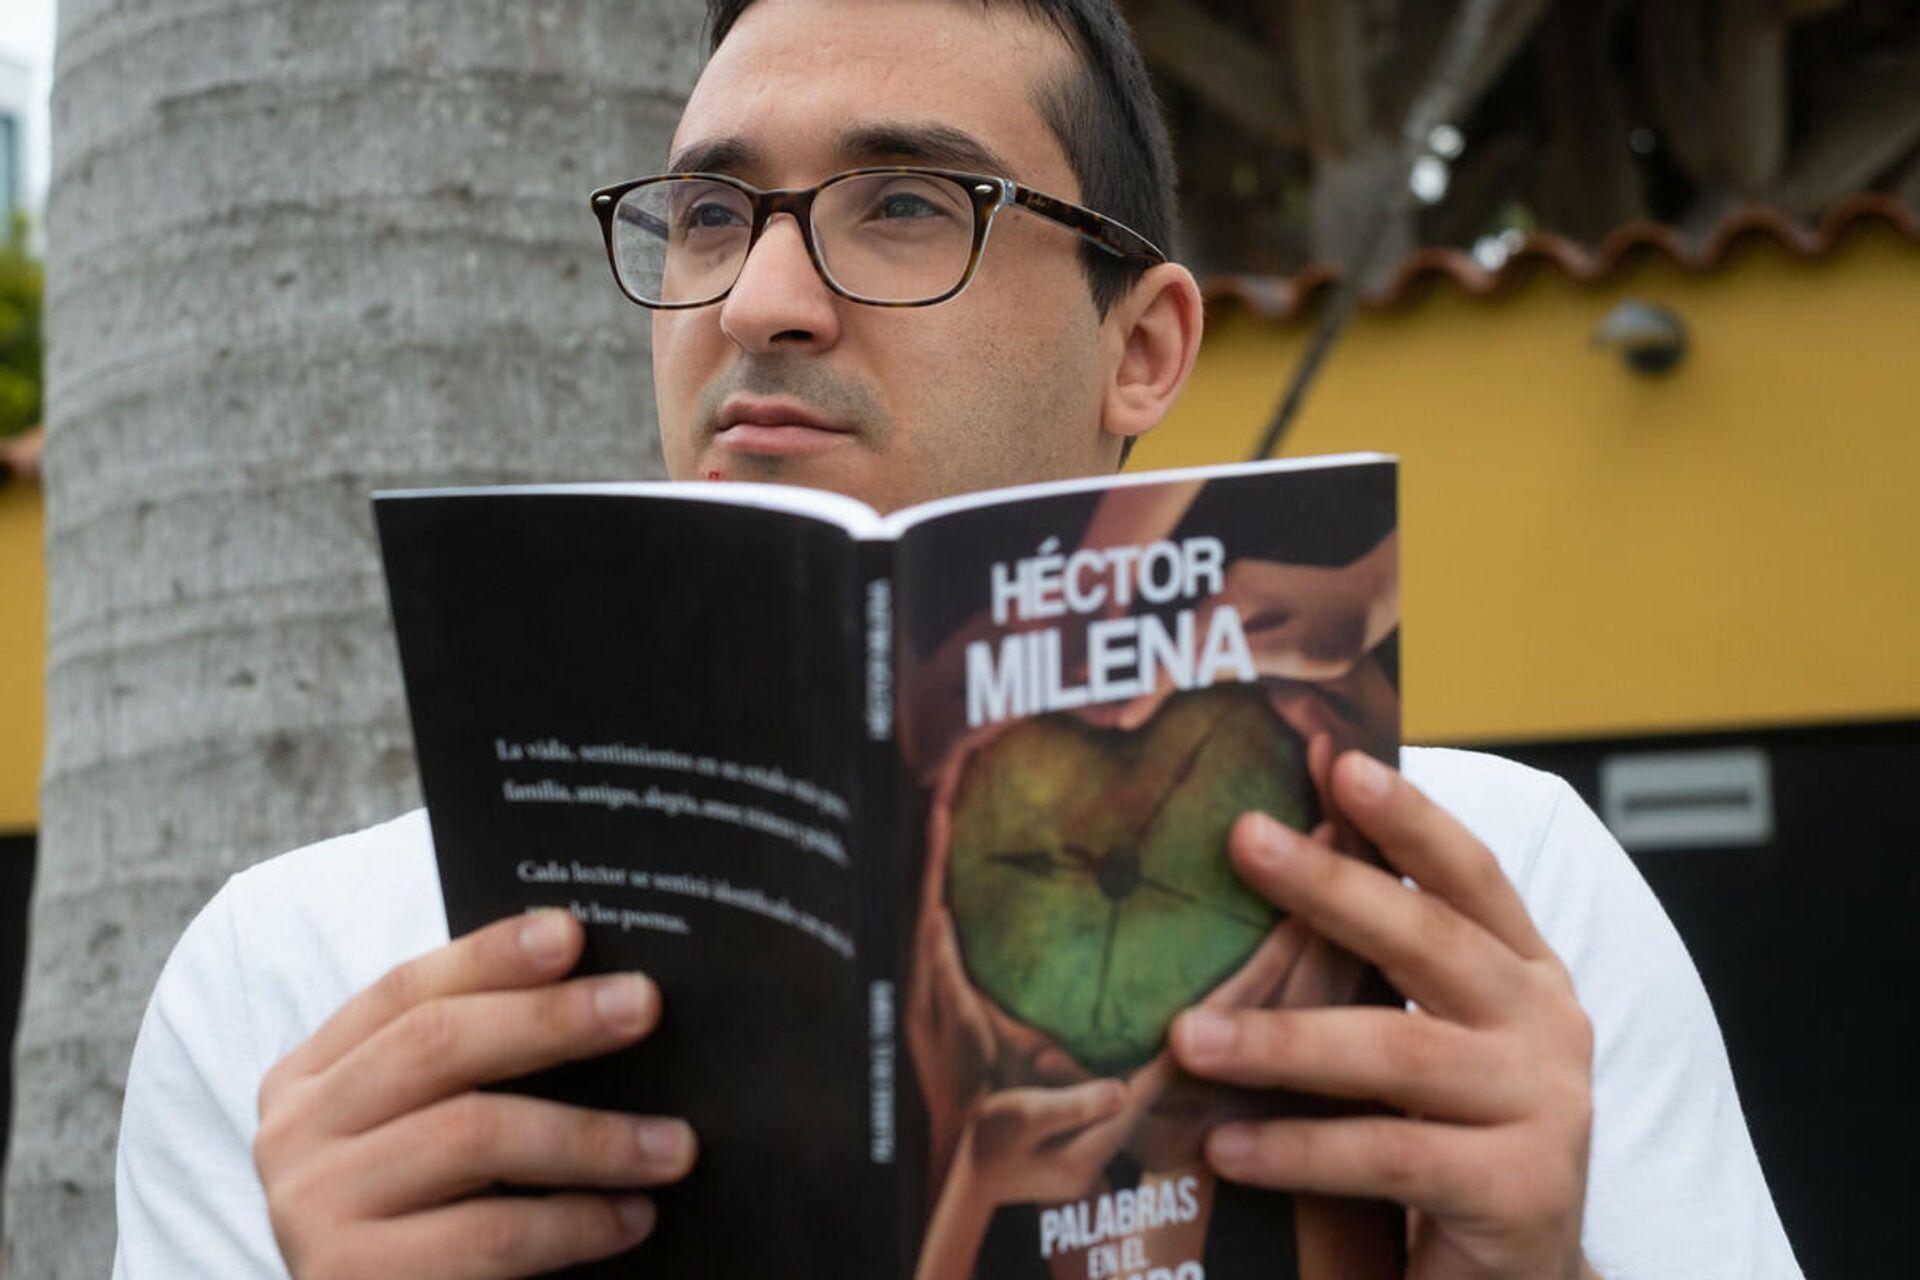 Héctor Milena, poeta español con discapacidad física - Sputnik Mundo, 1920, 20.07.2021